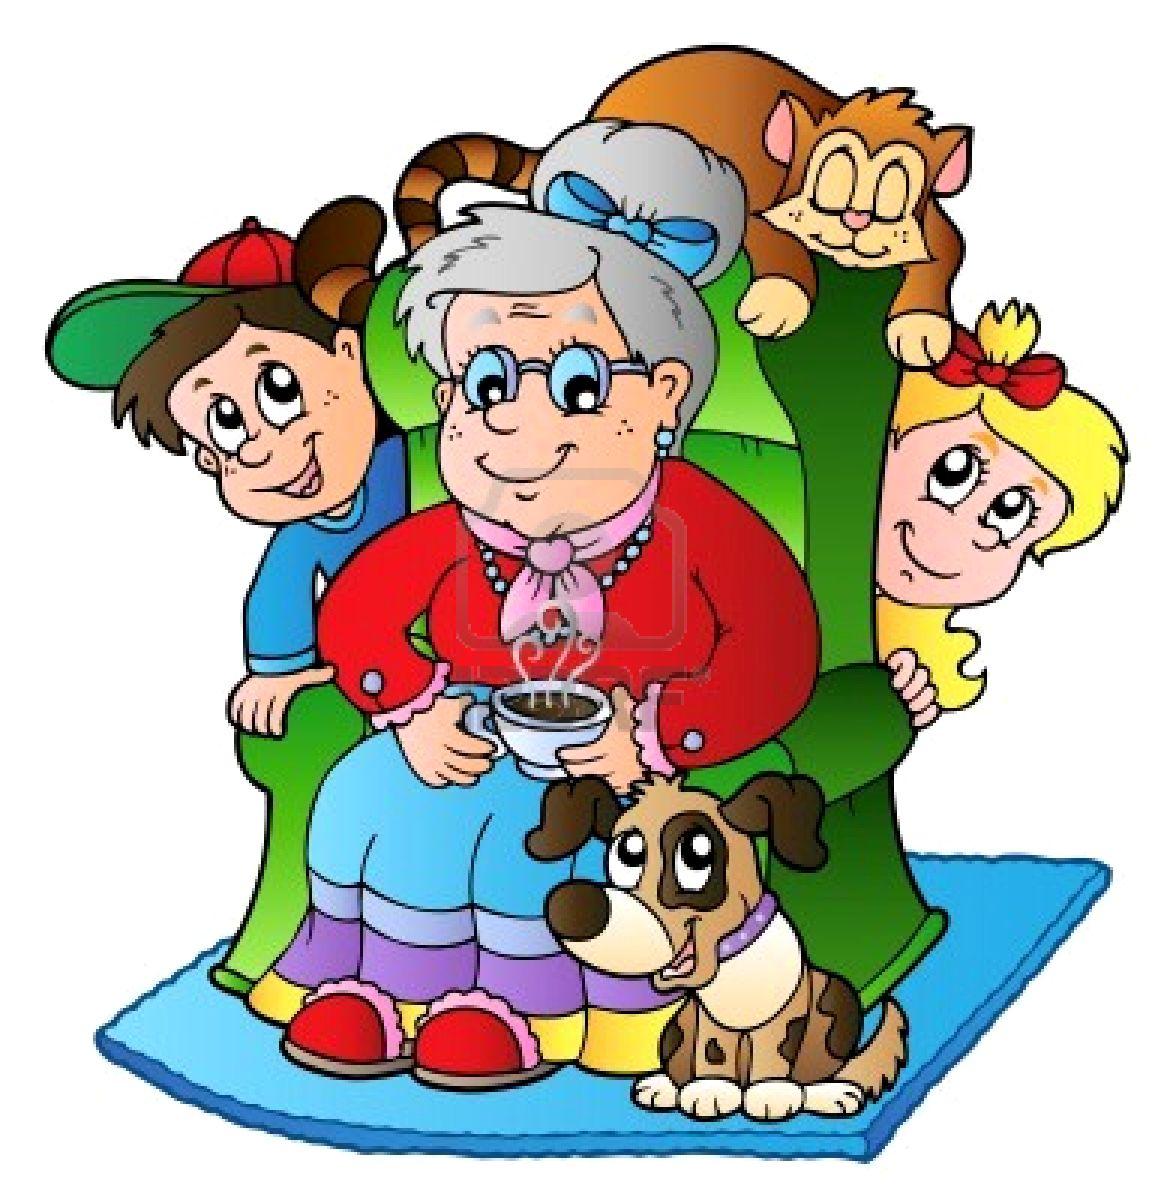 imagenes animadas ancianos: